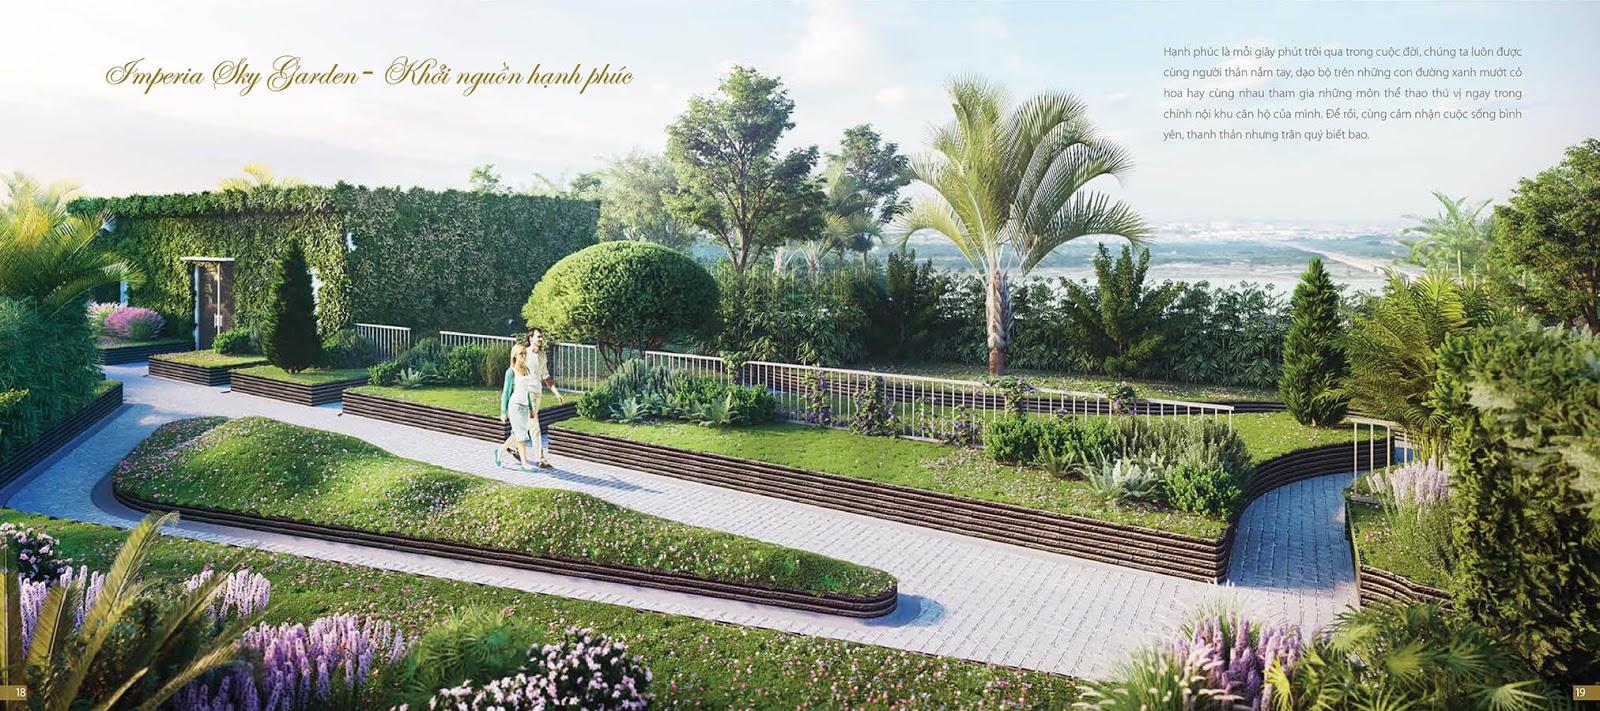 Khu dạo bộ tại dự án chung cư Imperia Sky Garden